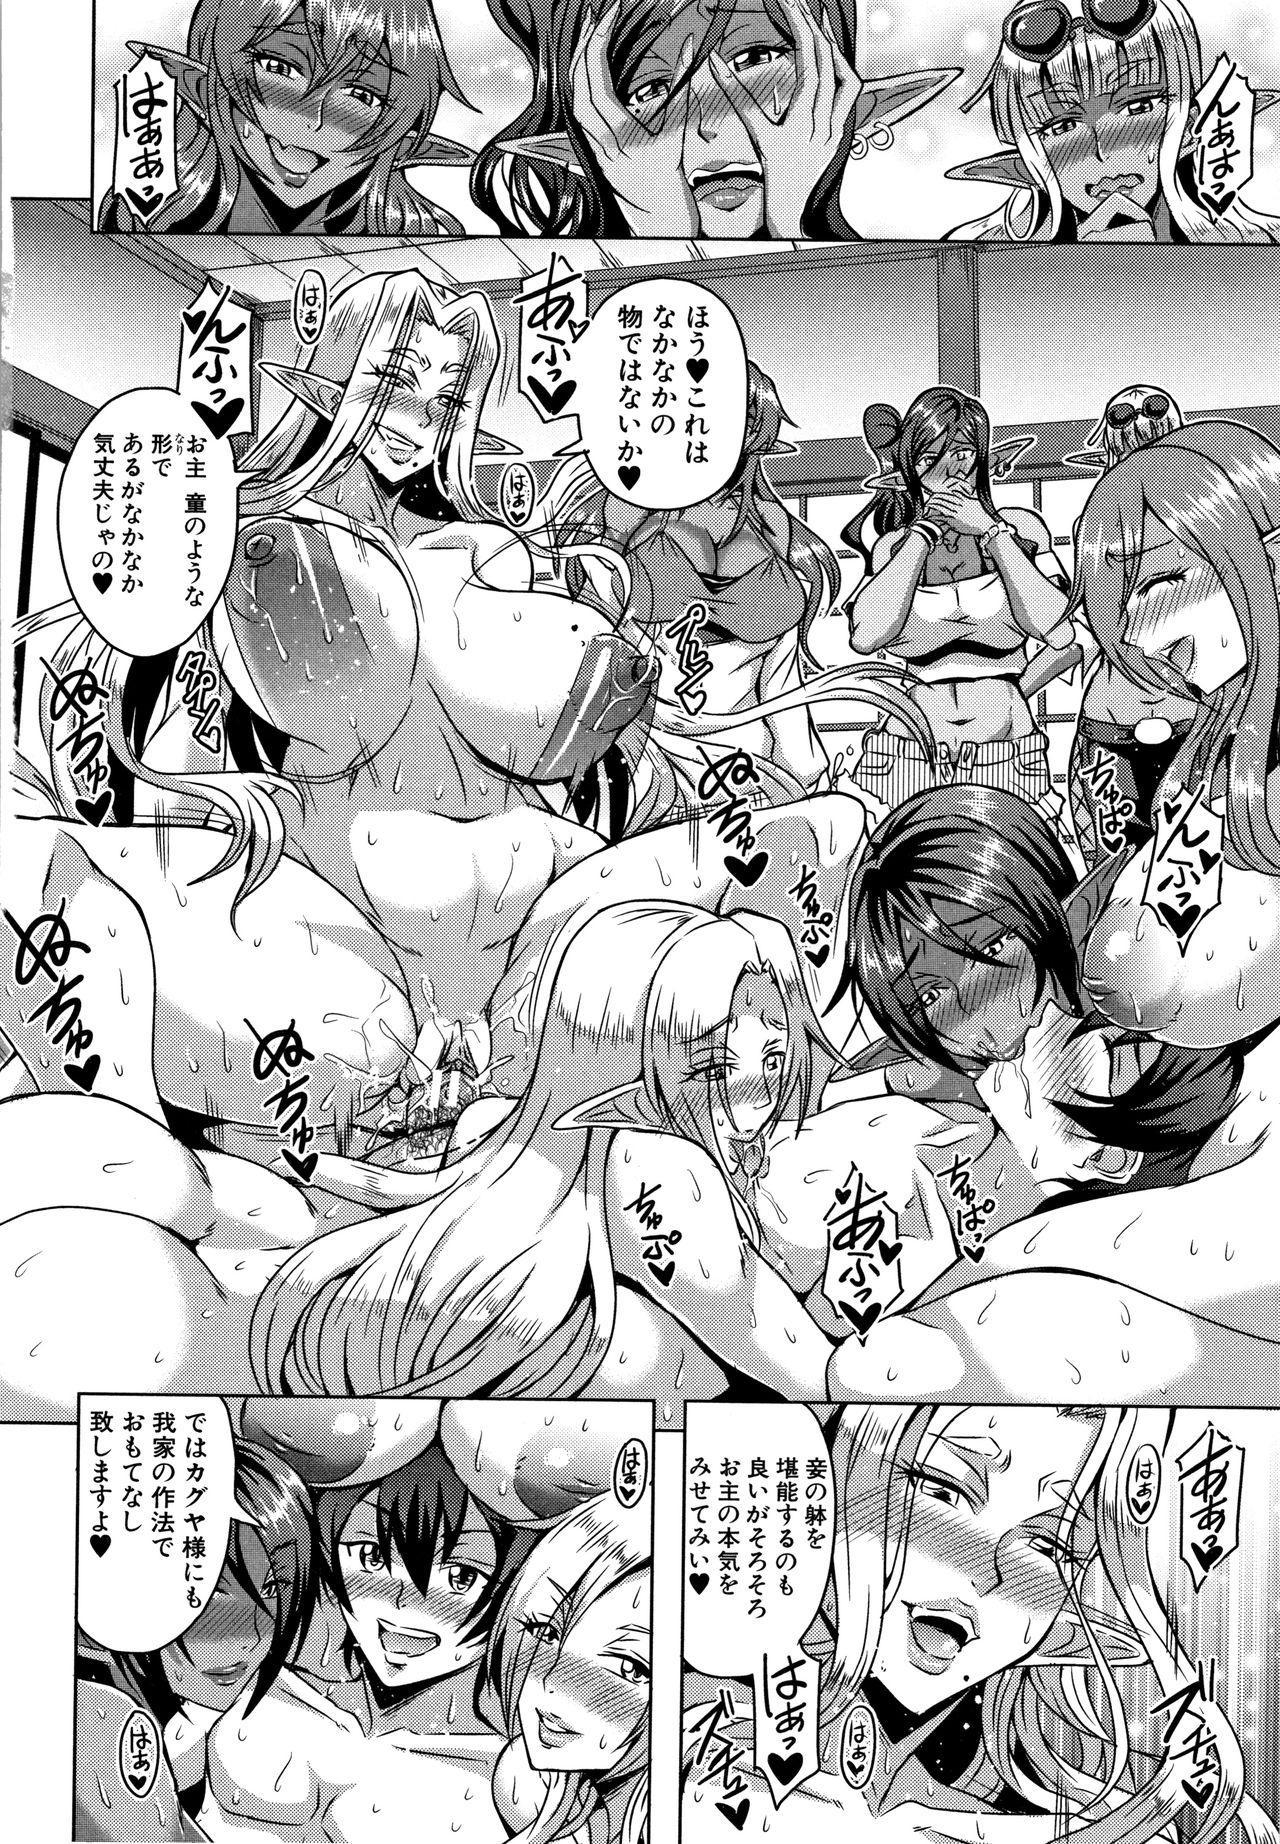 Elf Harem Monogatari - Elf Harem Story 177